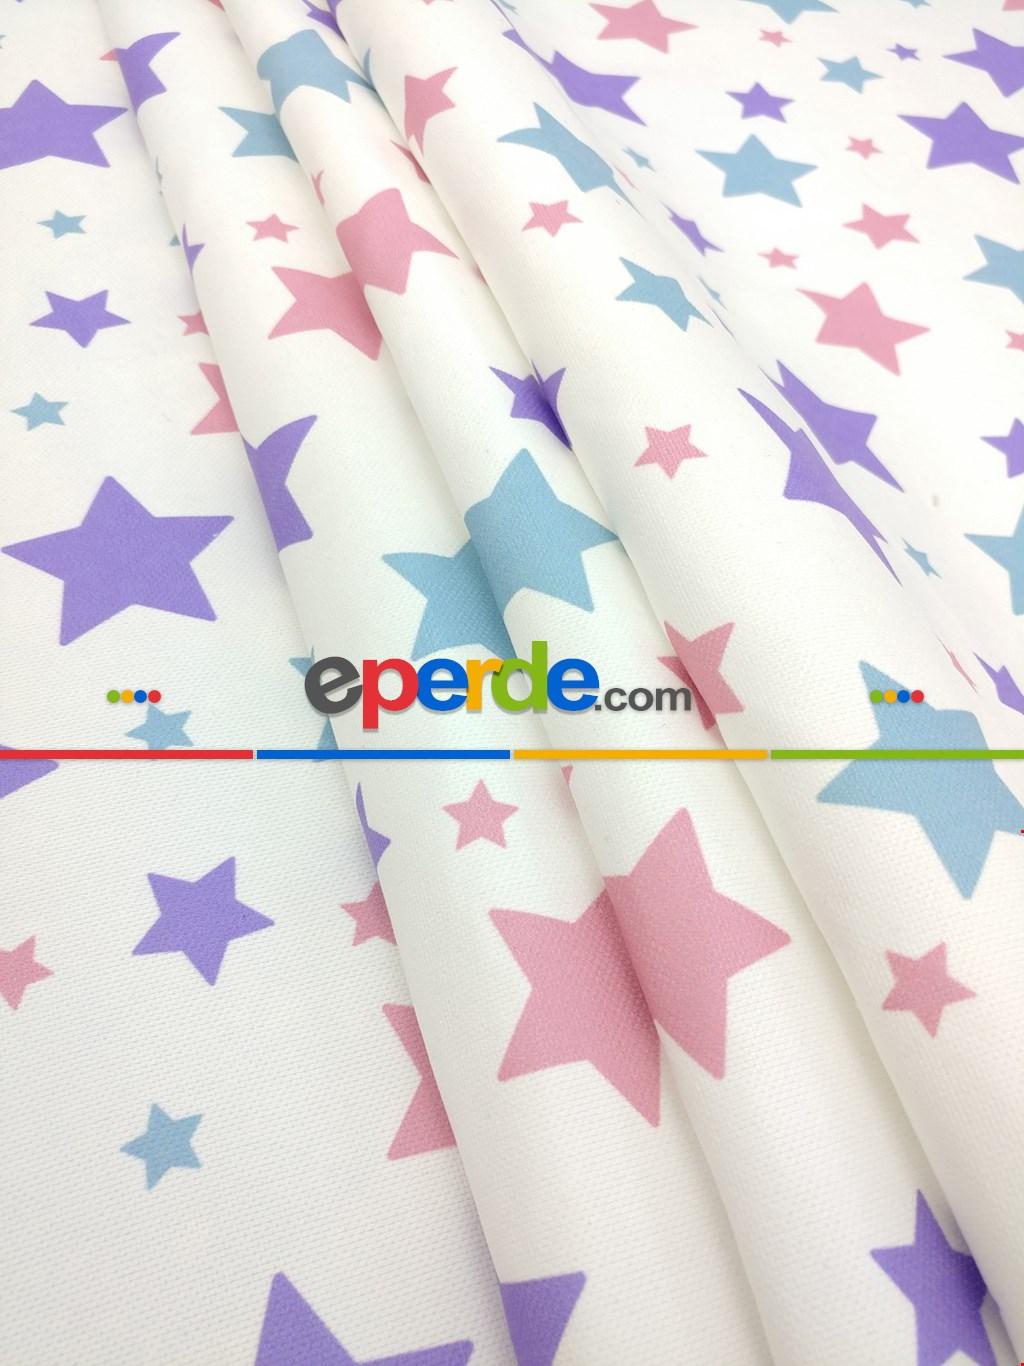 Soft Yıldızlar Kız & Erkek Bebek Odası Fon Perde ( Kalın Pamuklu Kumaş)